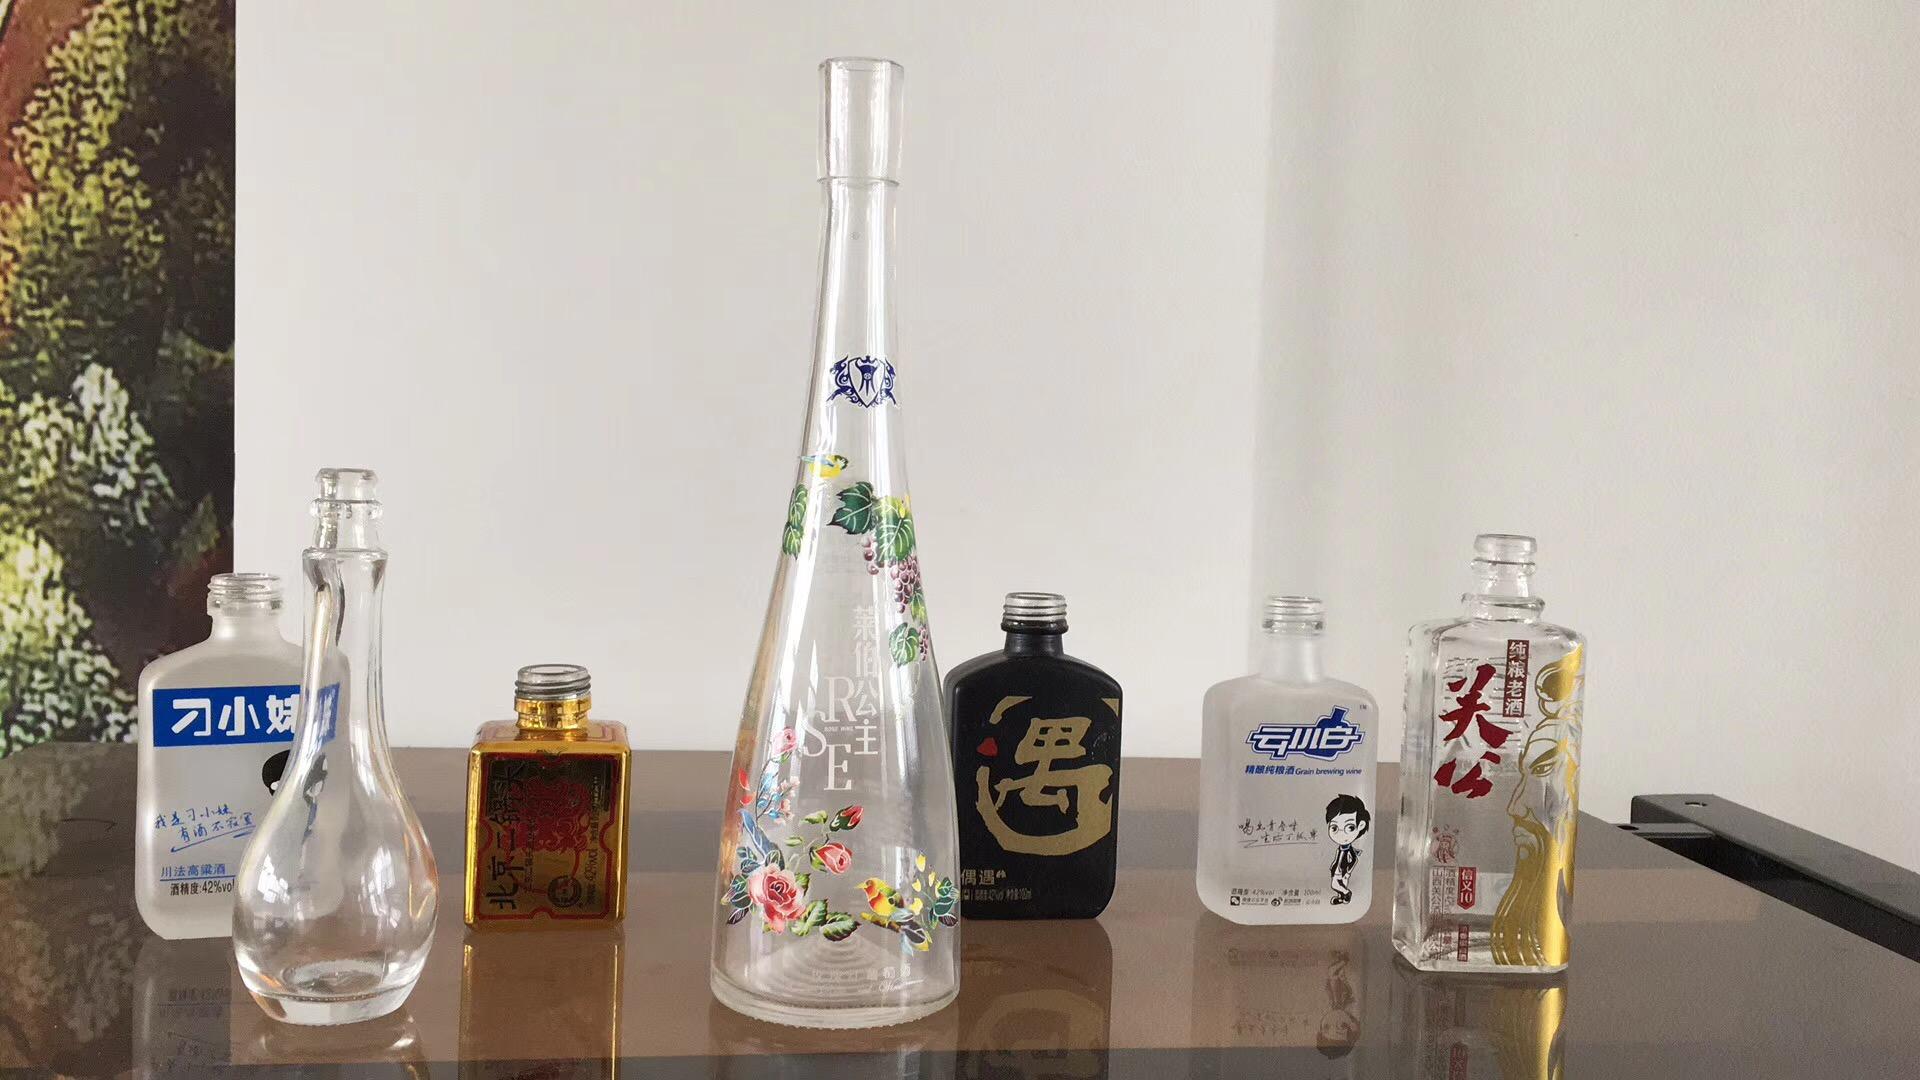 葫芦岛酒瓶生产厂家